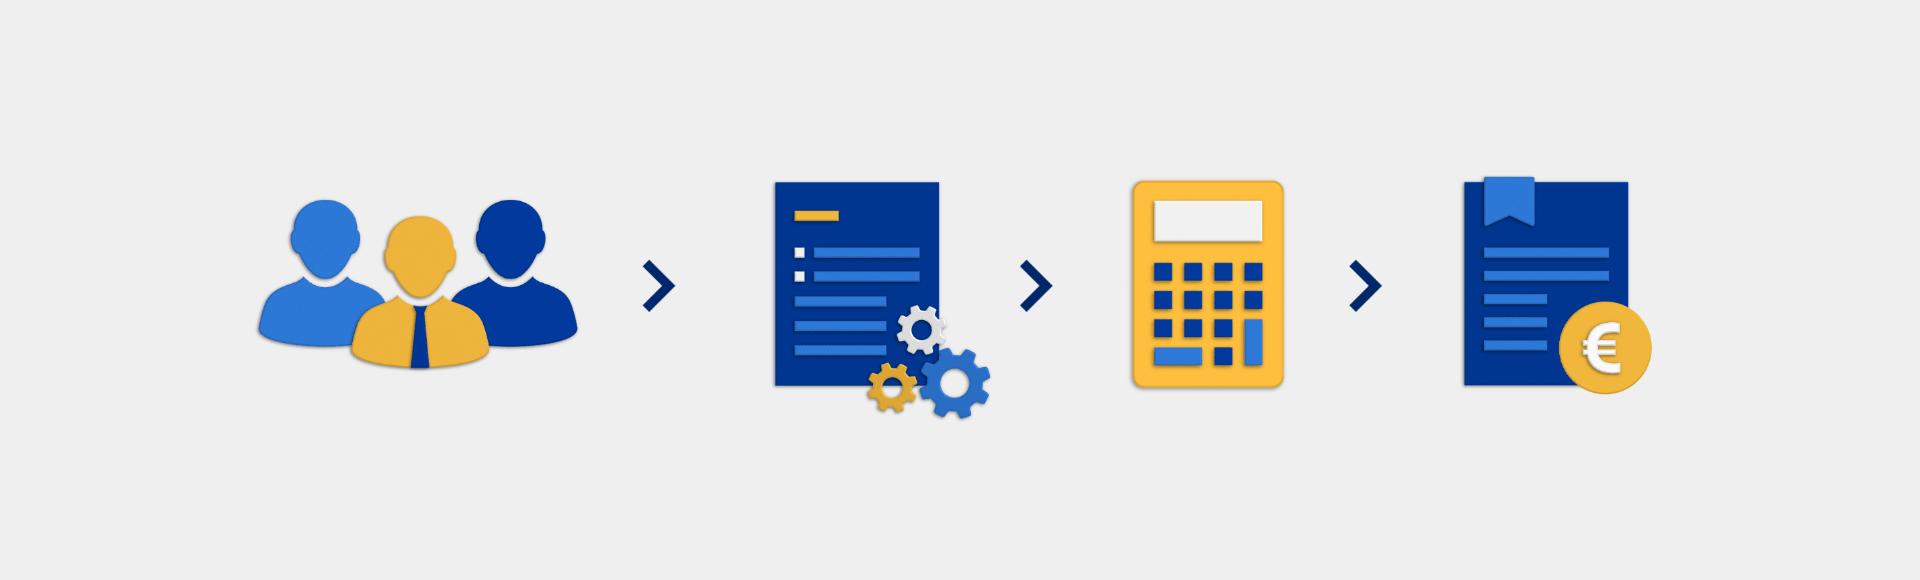 Preis für SAP Business One berechnen